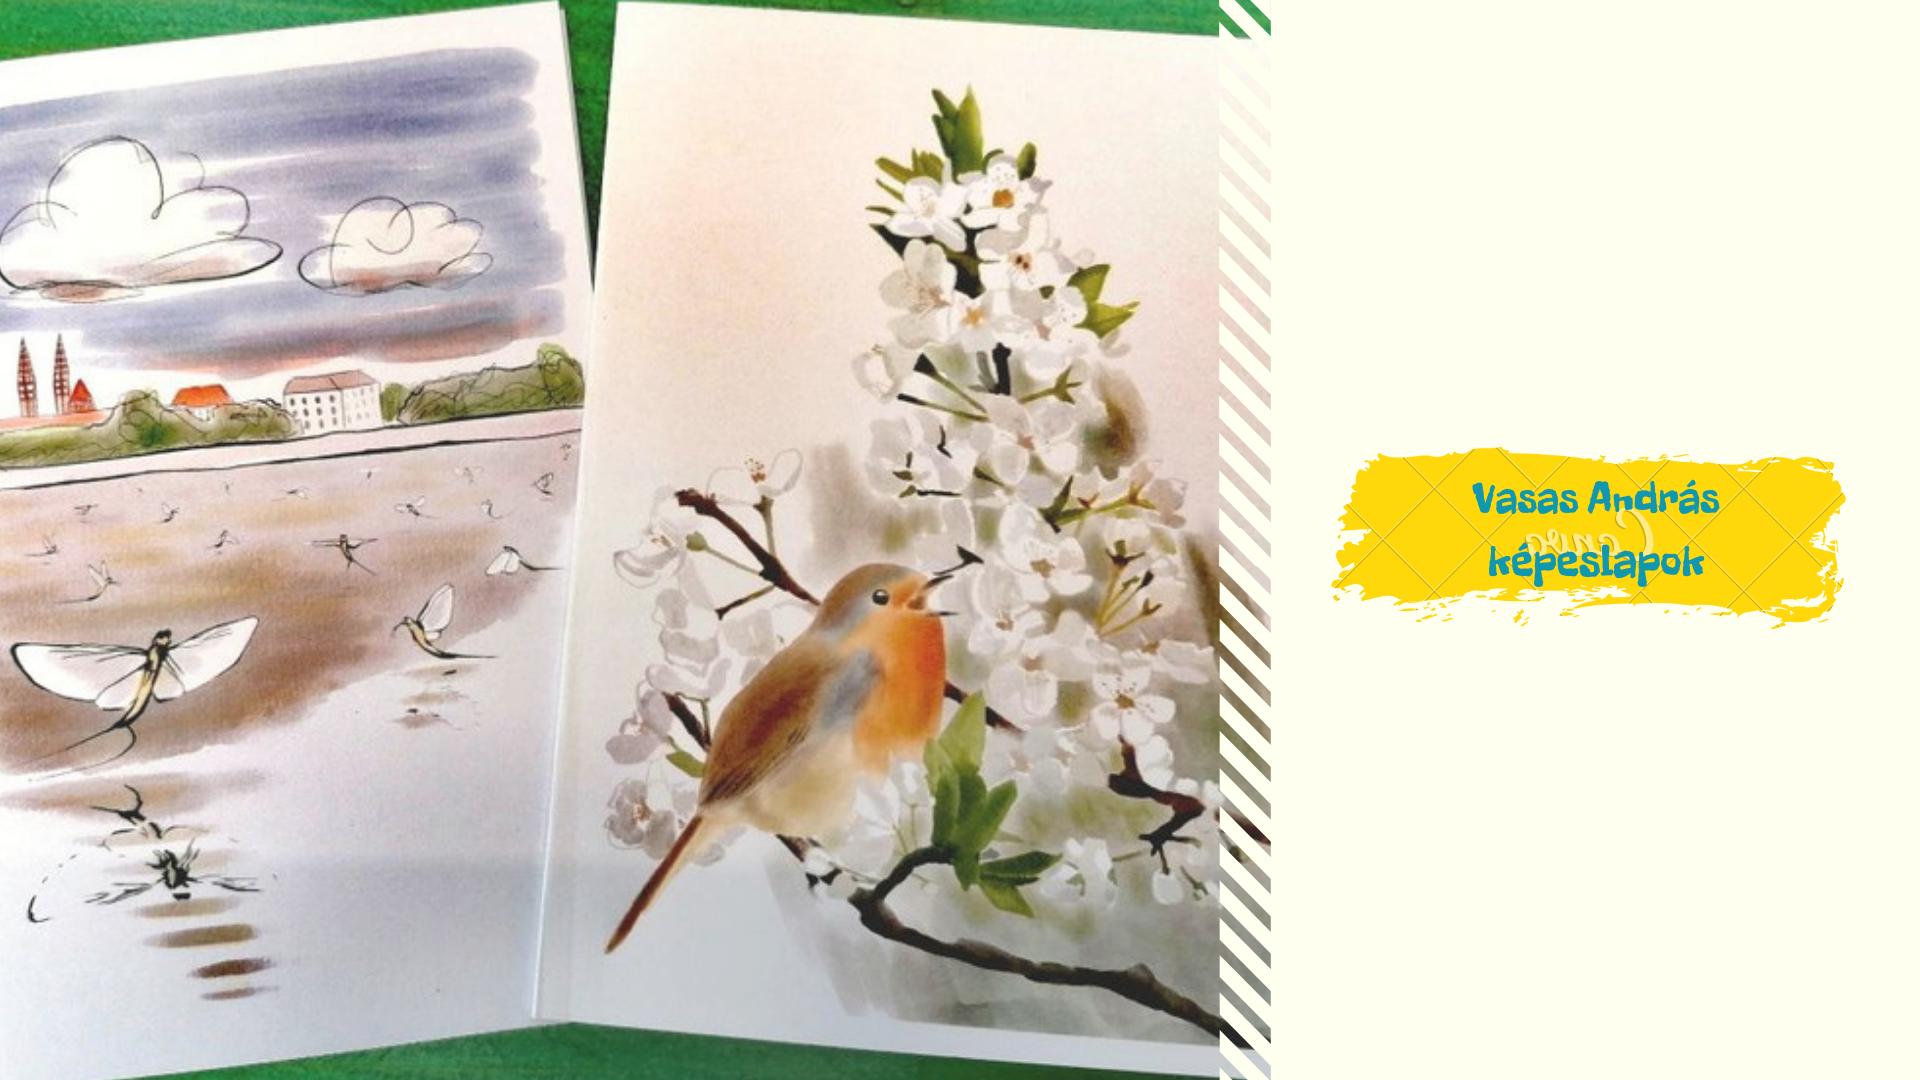 Vasas András képeslapok